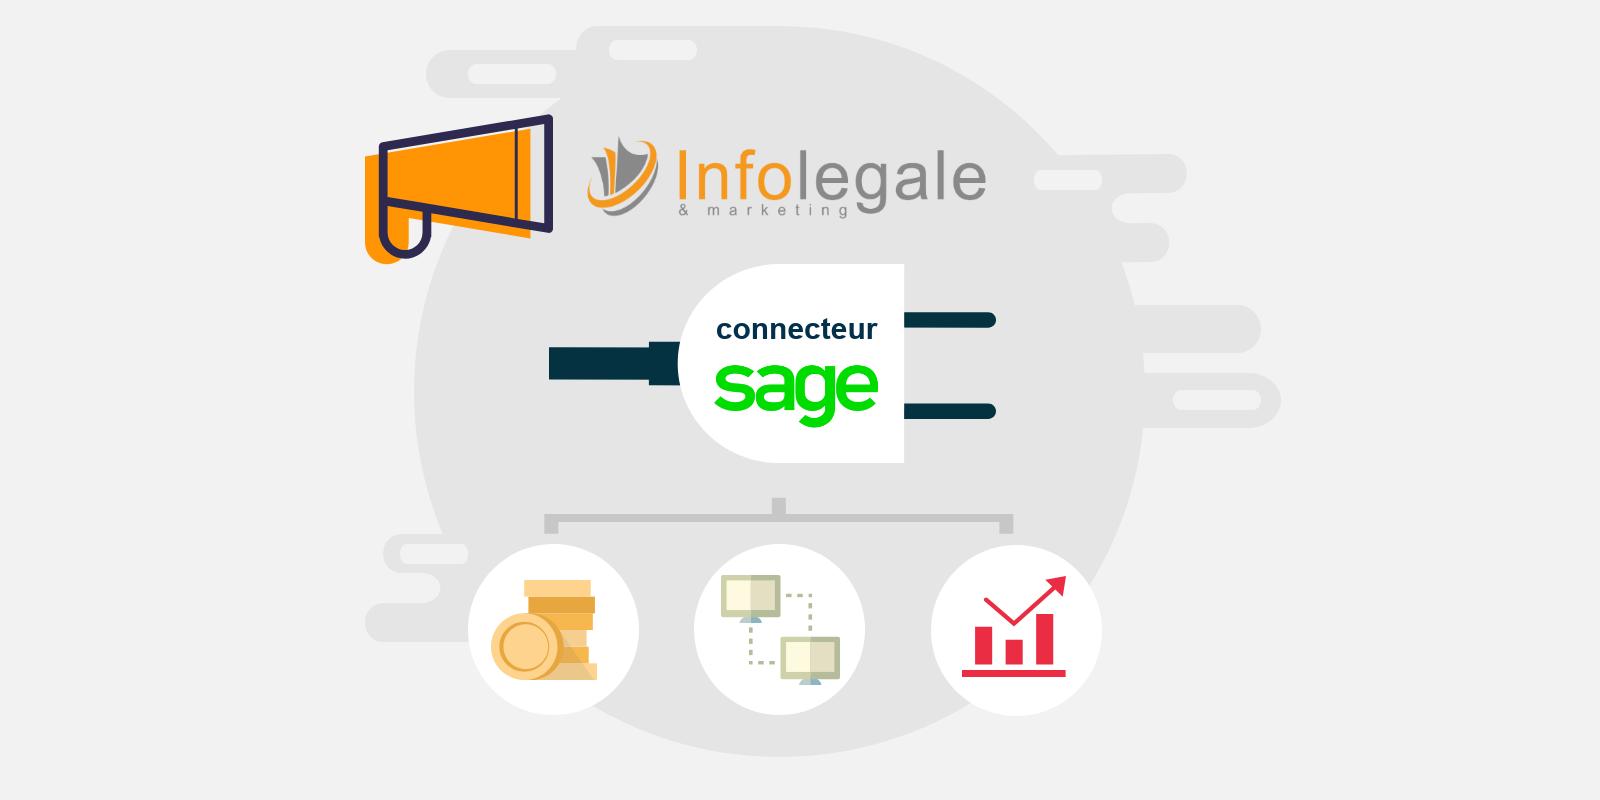 Connecteur-Sage_Infolegale